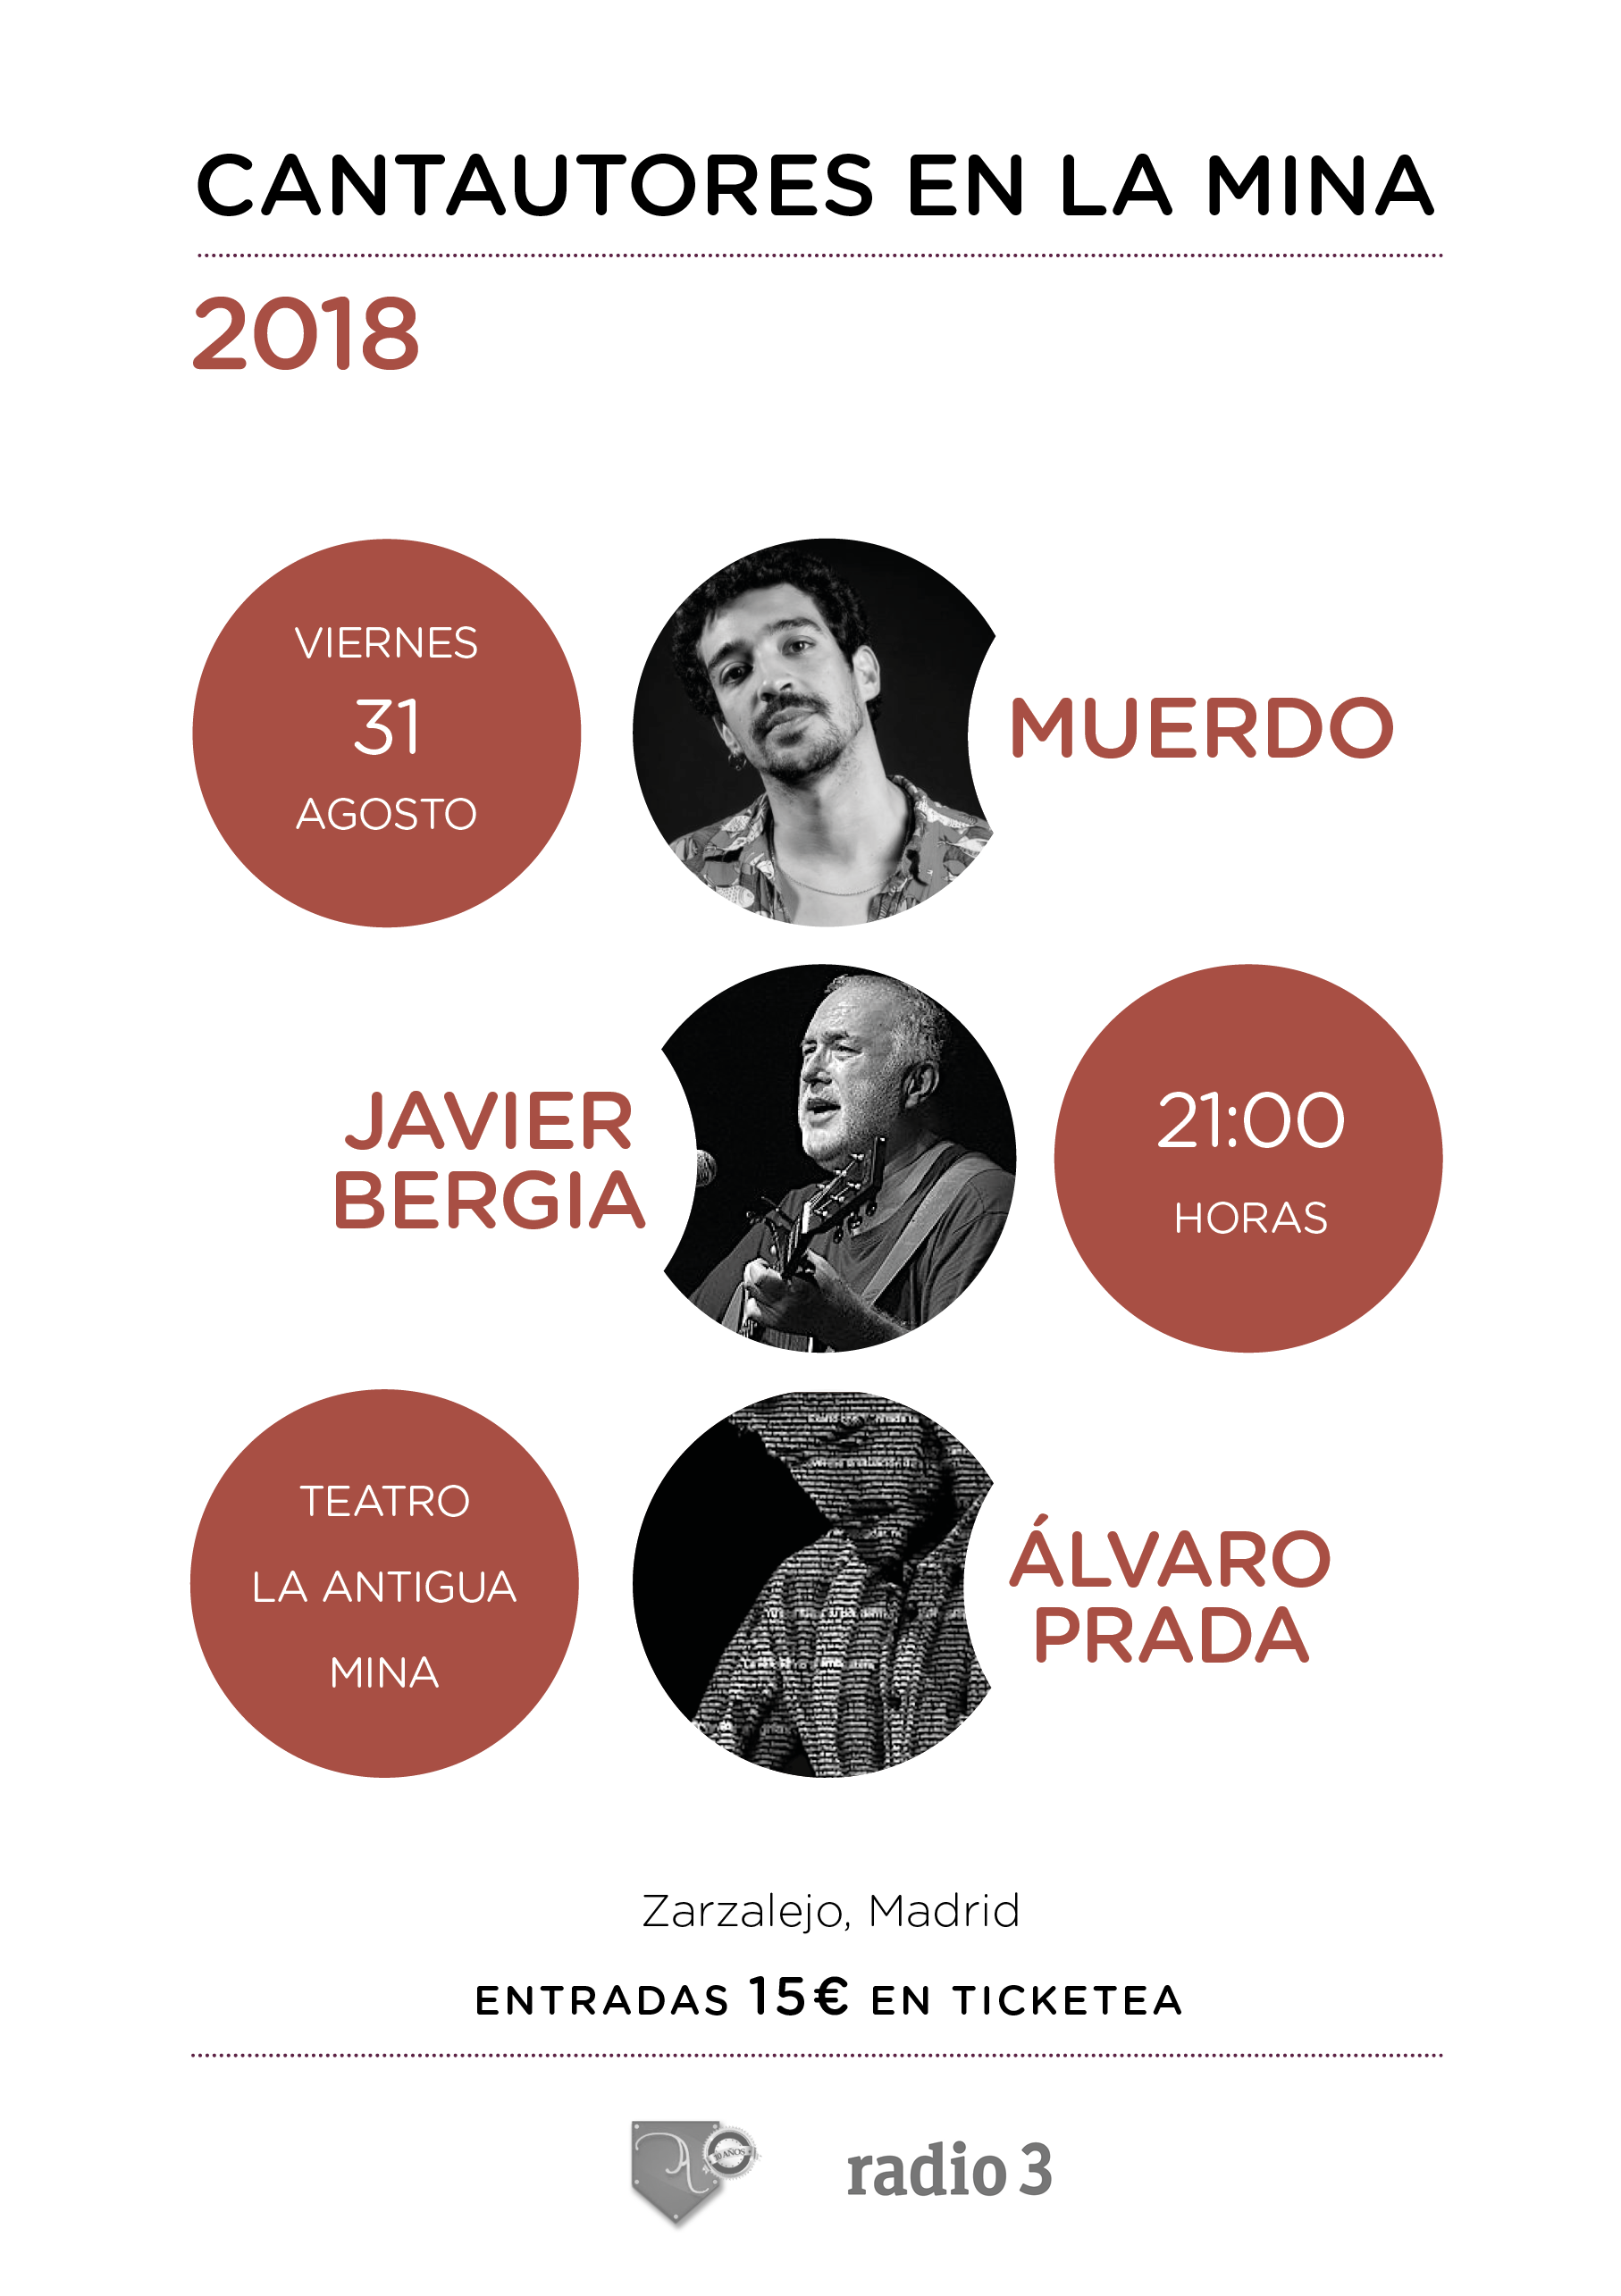 Cantautores en la Mina 2018 - marrón